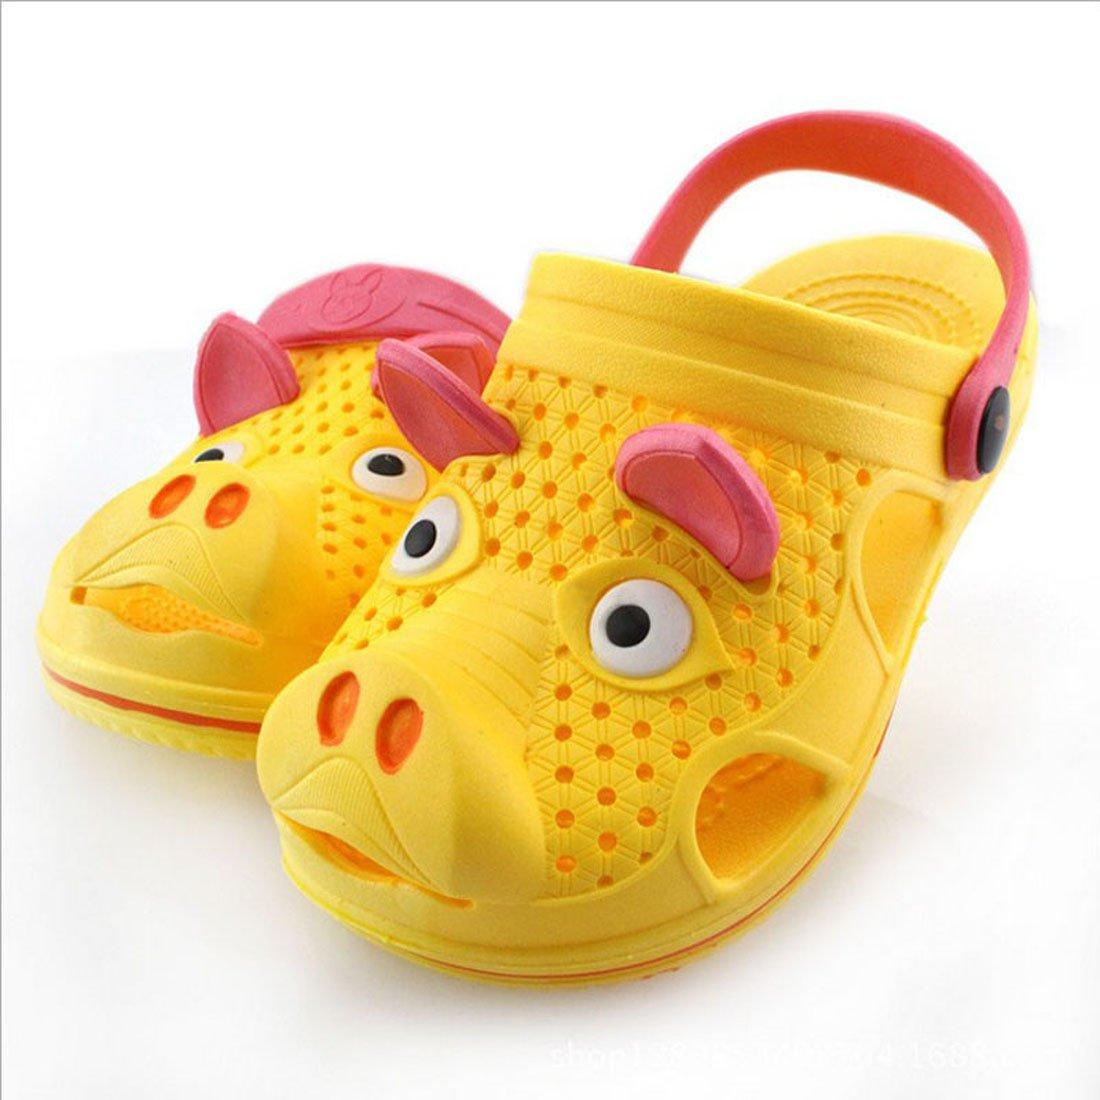 新款夏季儿童凉鞋可爱卡通宝宝沙滩拖鞋洞洞鞋